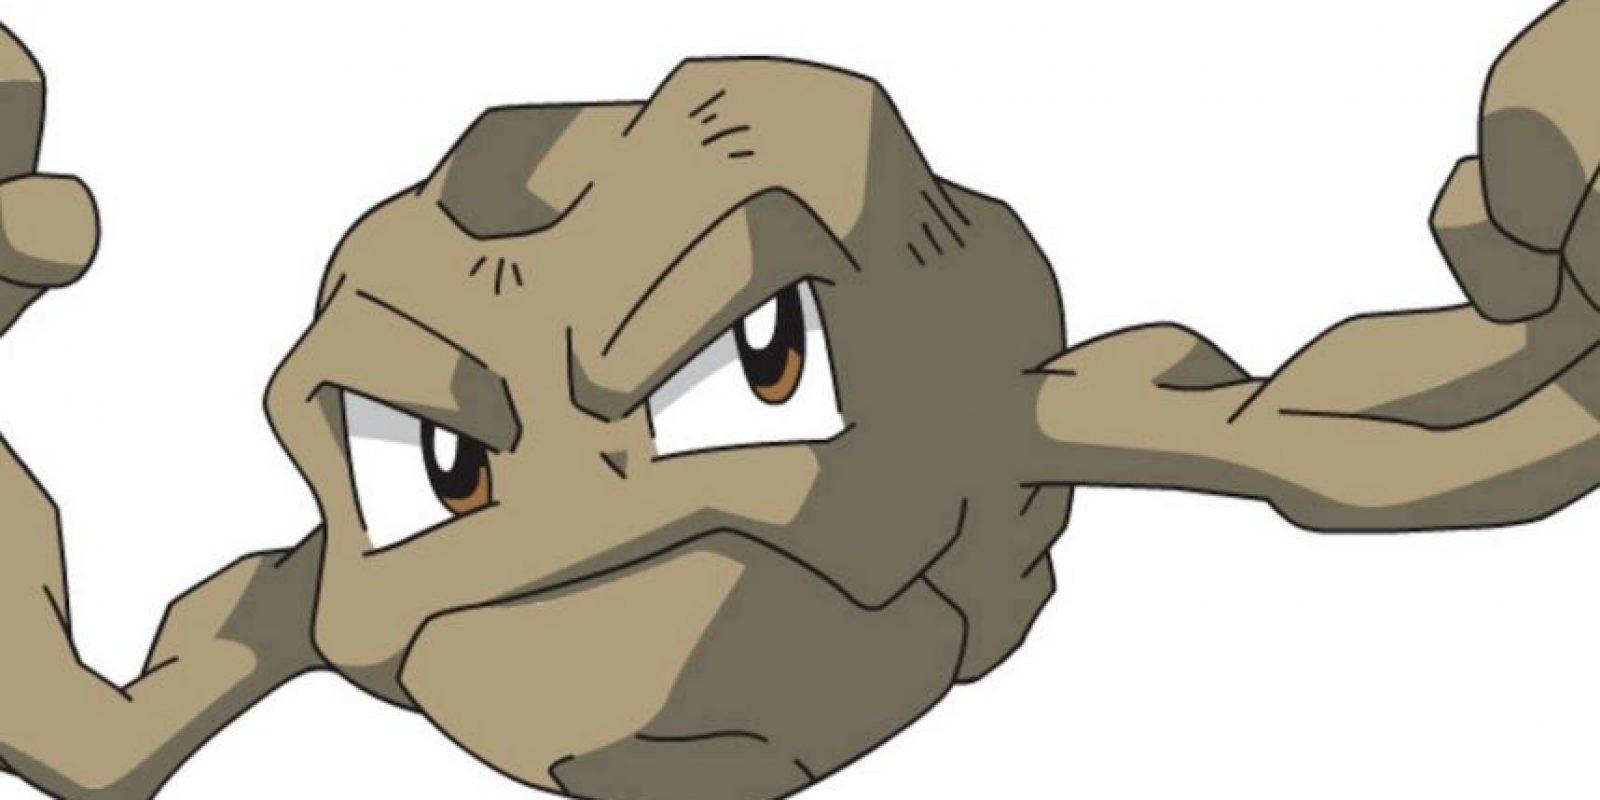 Foto:The Pokémon Company. Imagen Por: